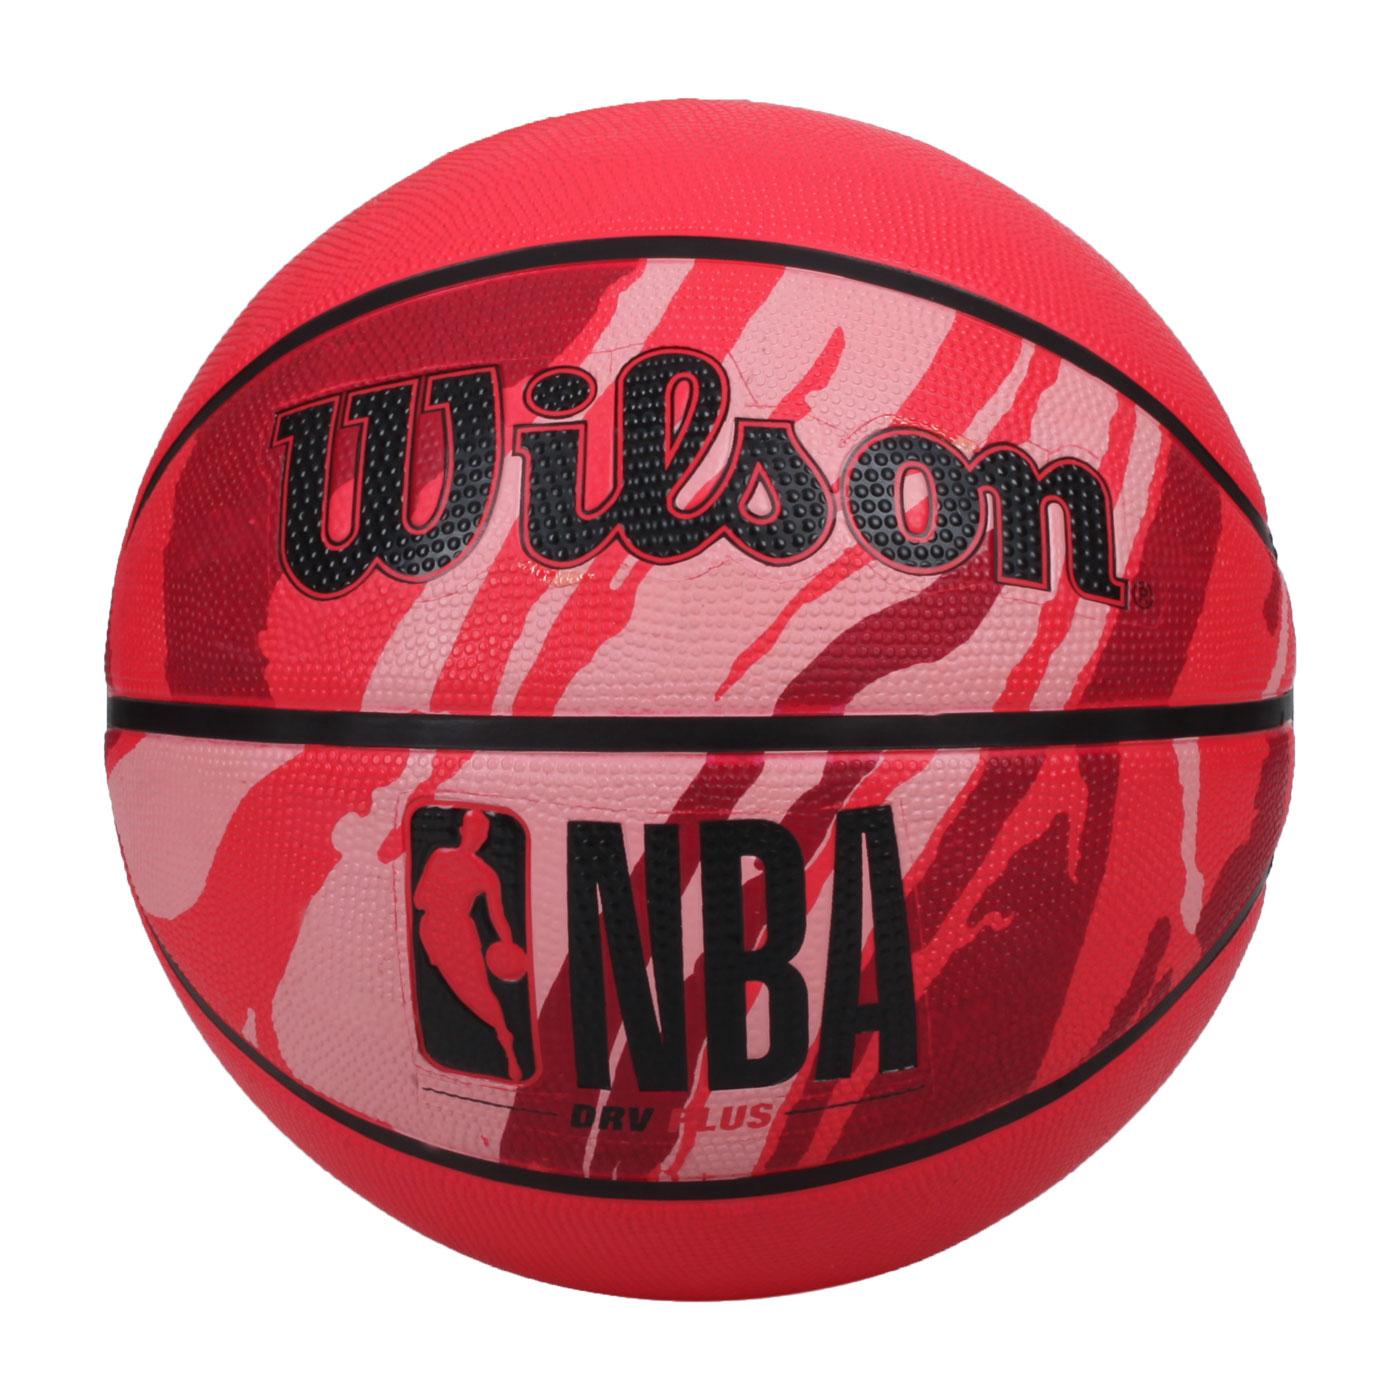 WILSON NBA DRV系列PLUS 橡膠籃球#7 WTB9203XB07